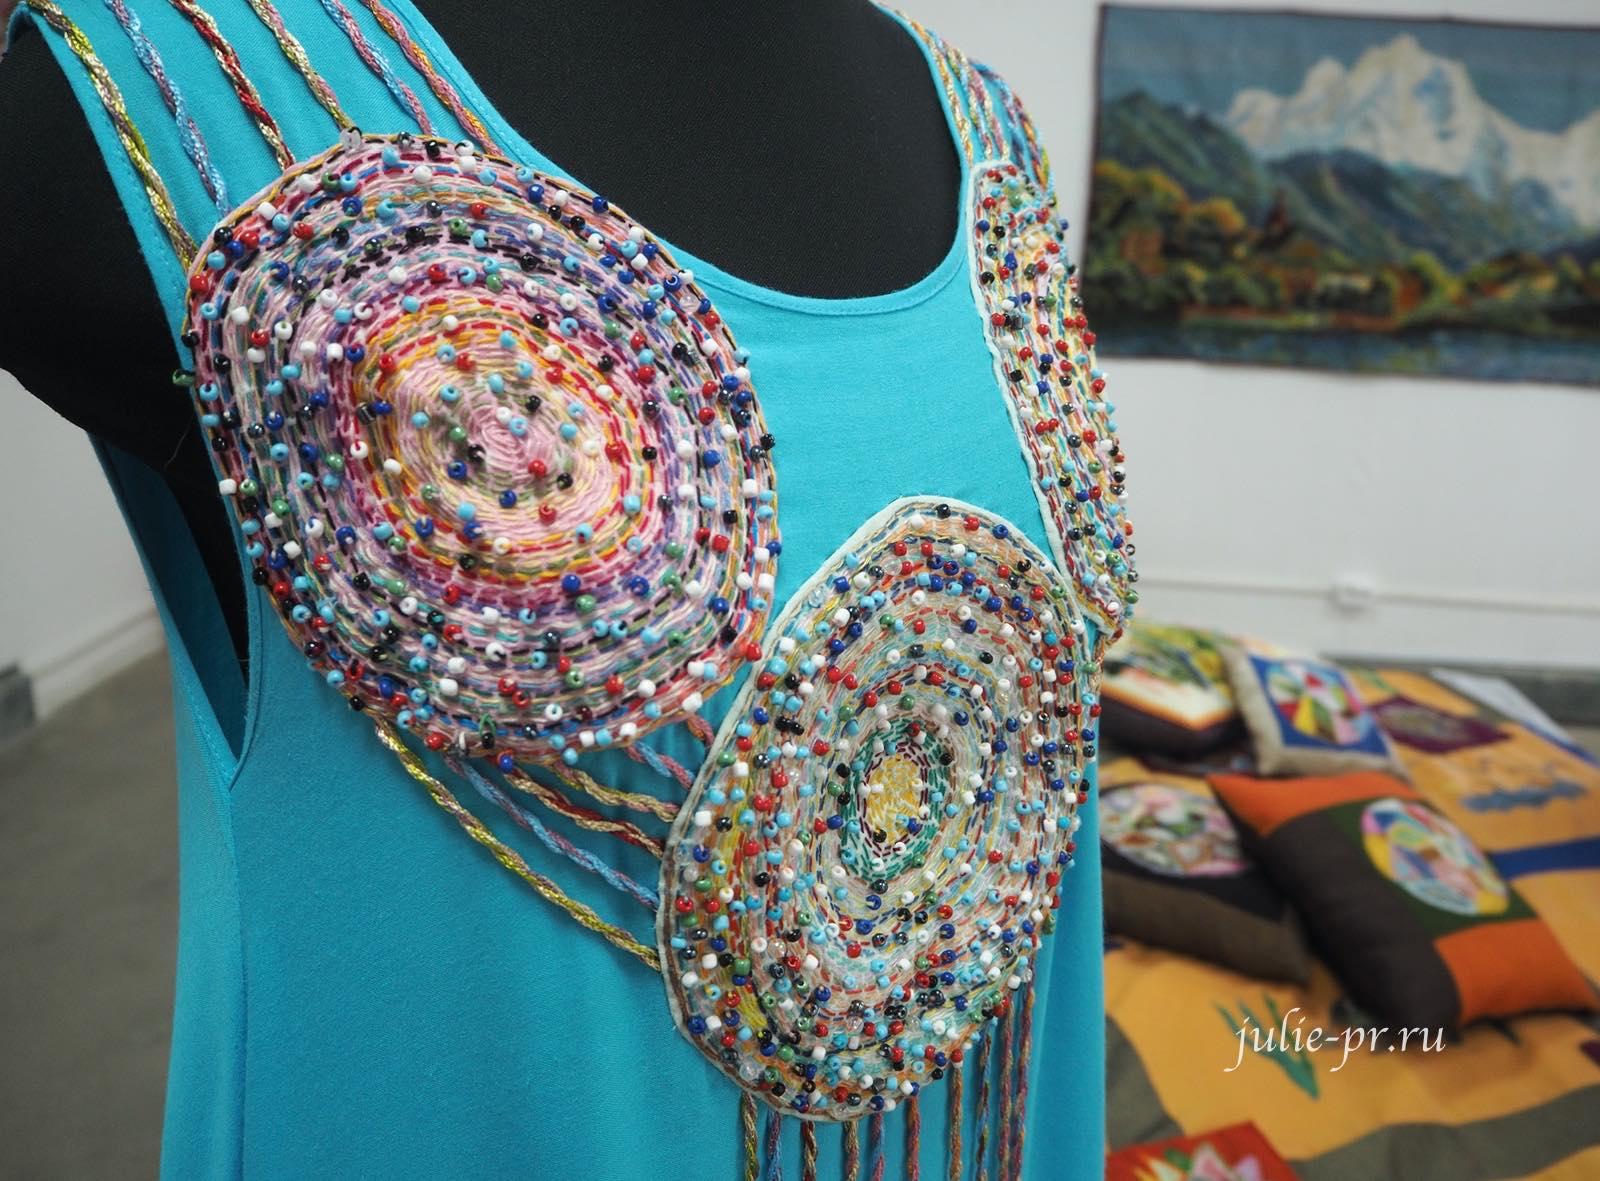 Вышивка на одежде, платье с вышивкой, вышивка